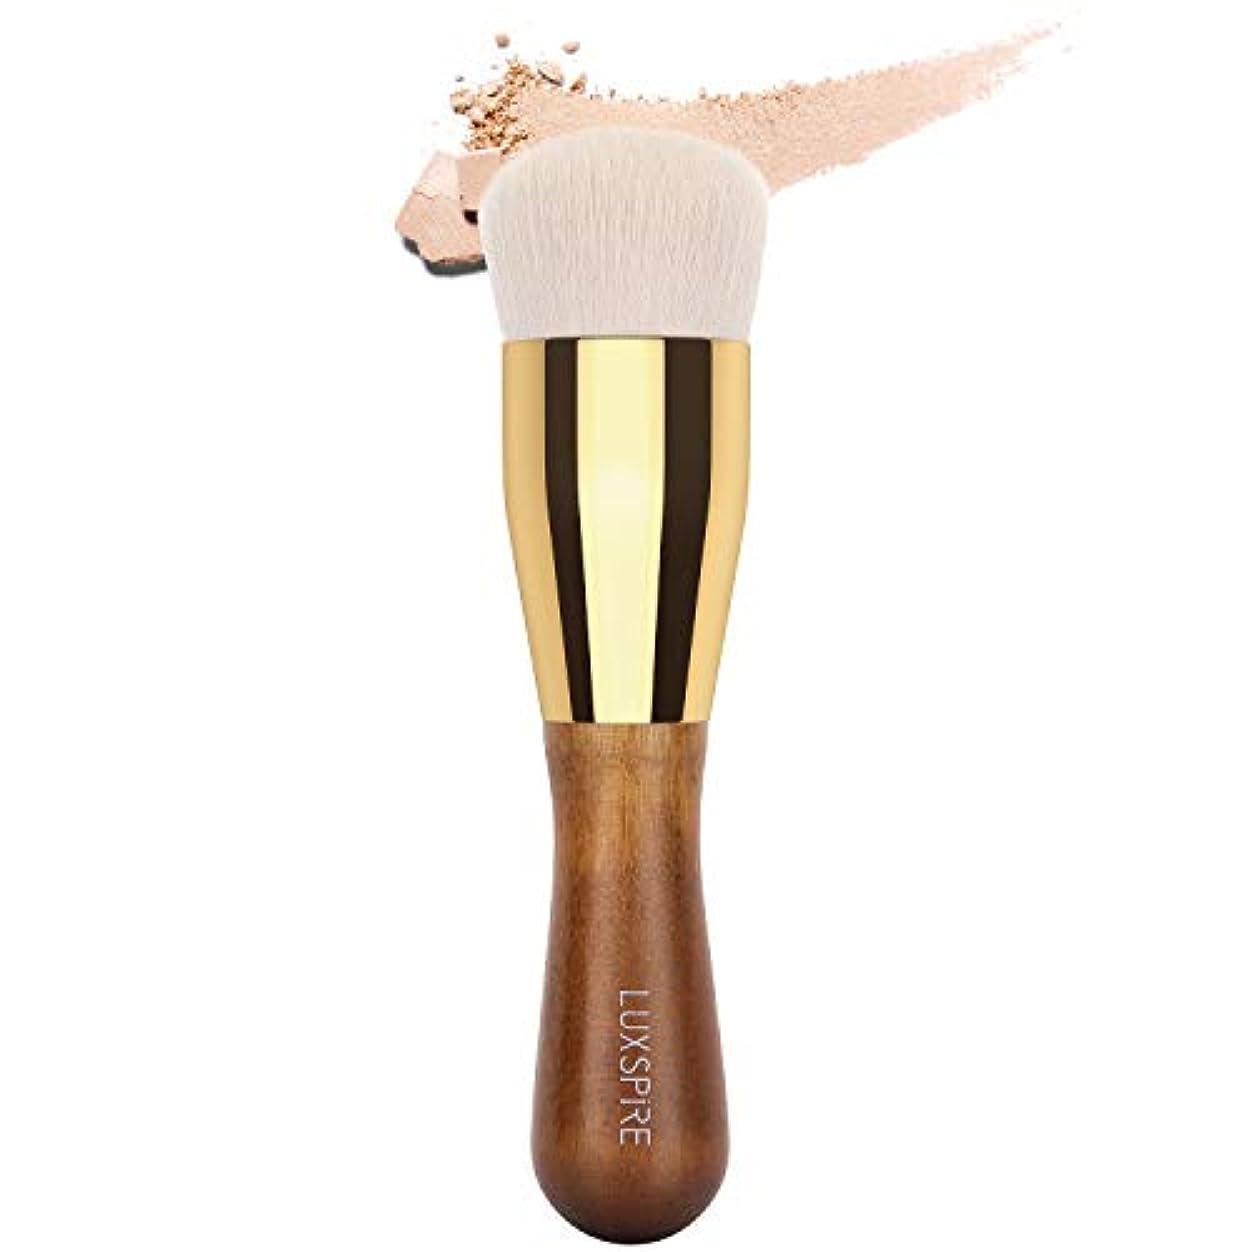 違反する宿泊臨検Luxspire メイクブラシ ファンデーションブラシ 化粧筆 木製ハンドル 繊維毛 旅行出張用 多機能 超柔らかい ふわふわ ブラウン